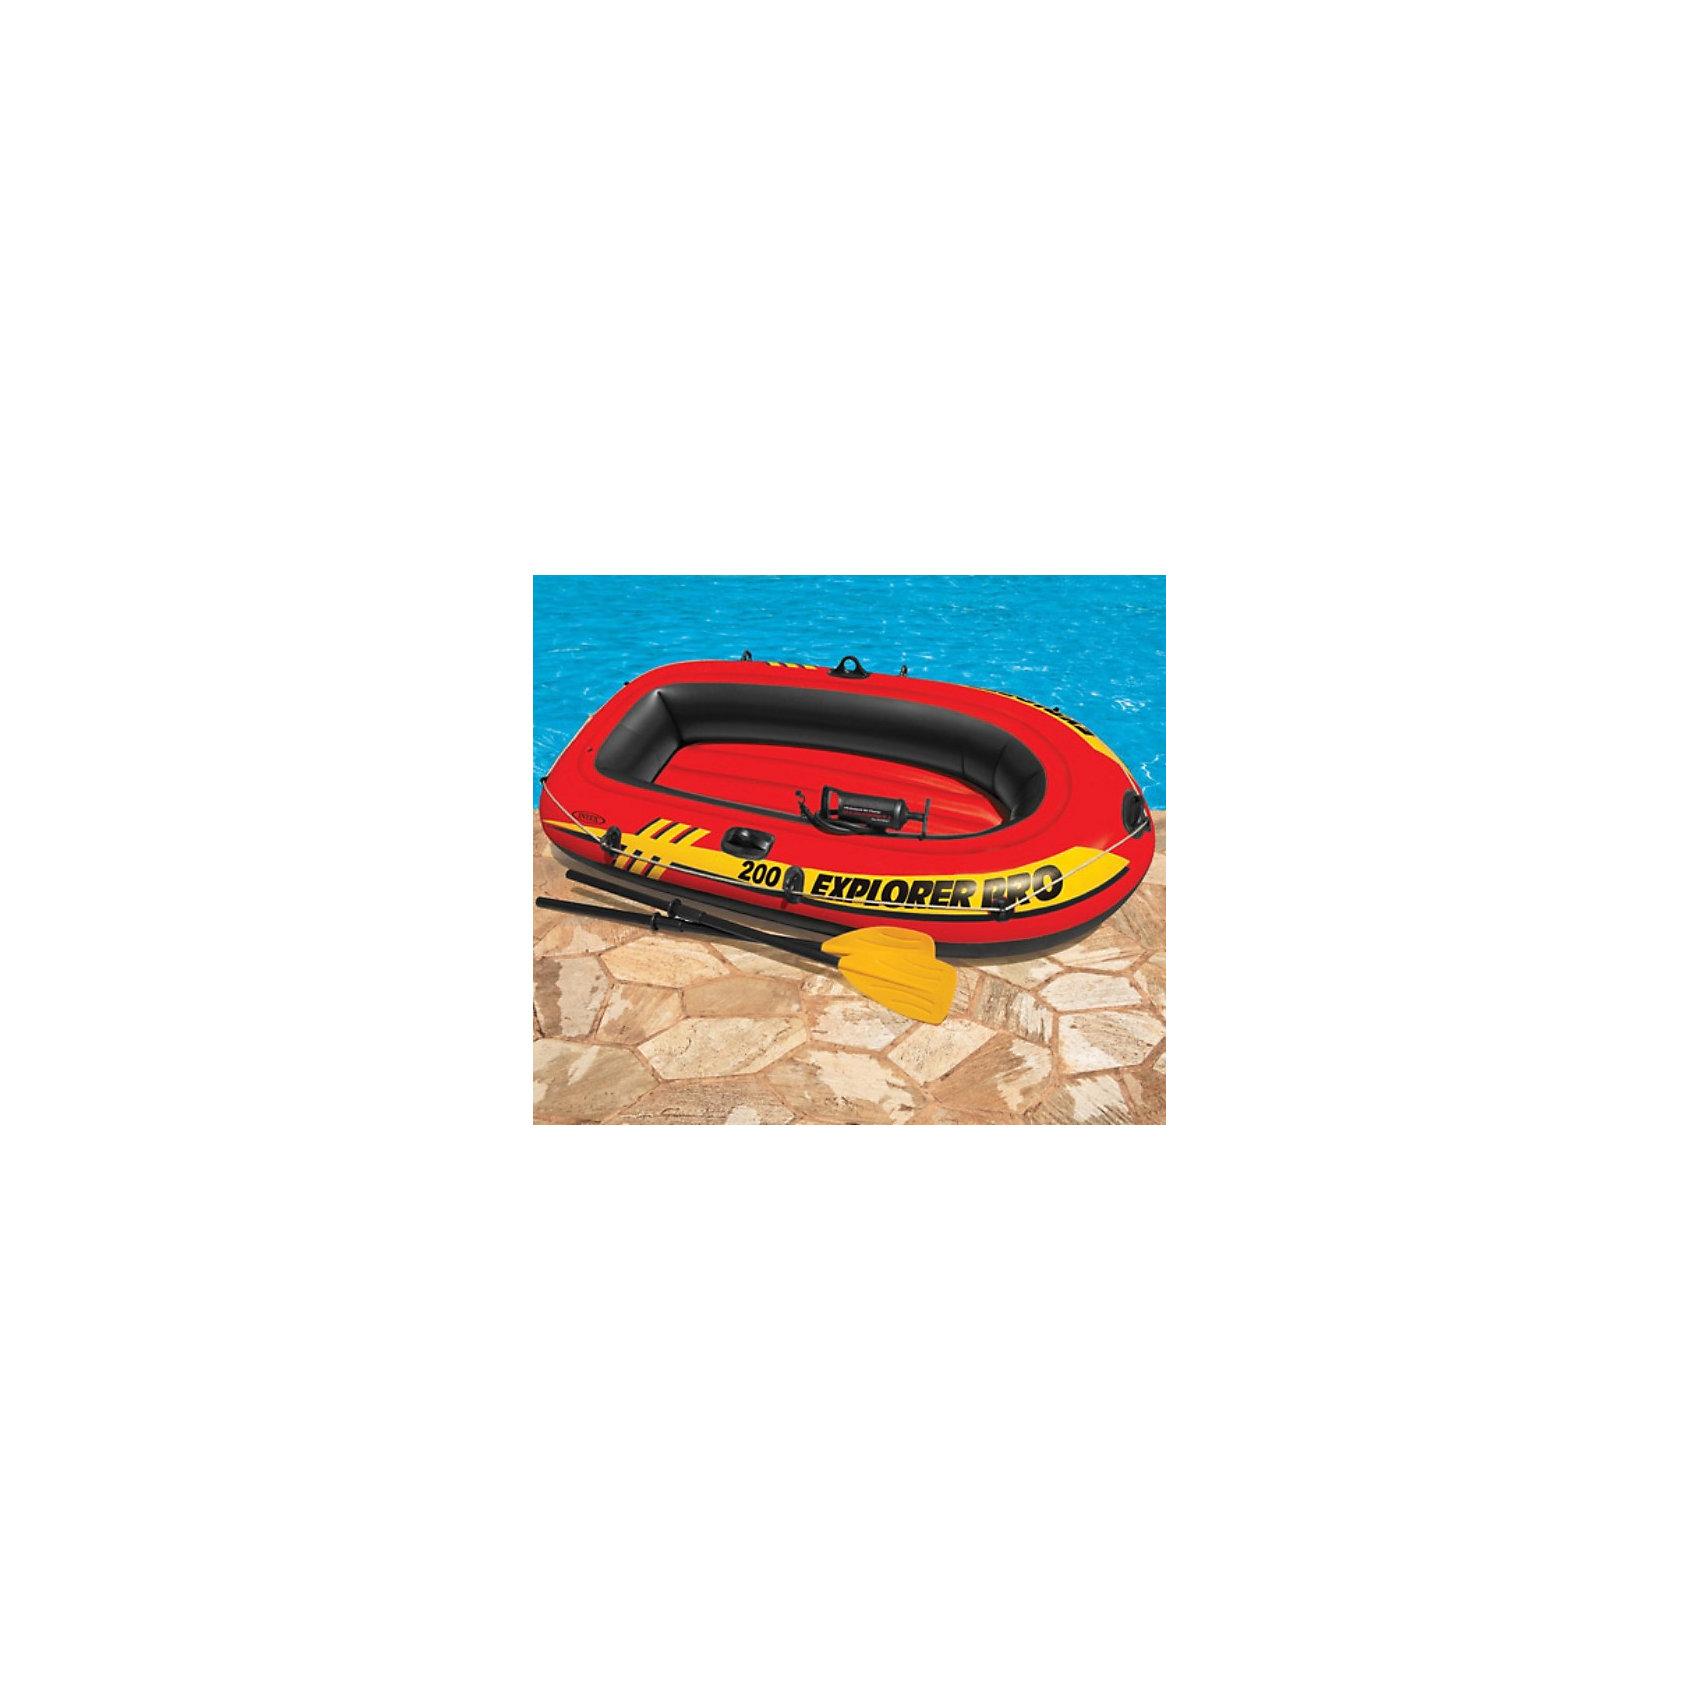 Intex Двухместная лодка с веслами Explorer 200, Intex лодка надувная intex эксплорер 200 58330